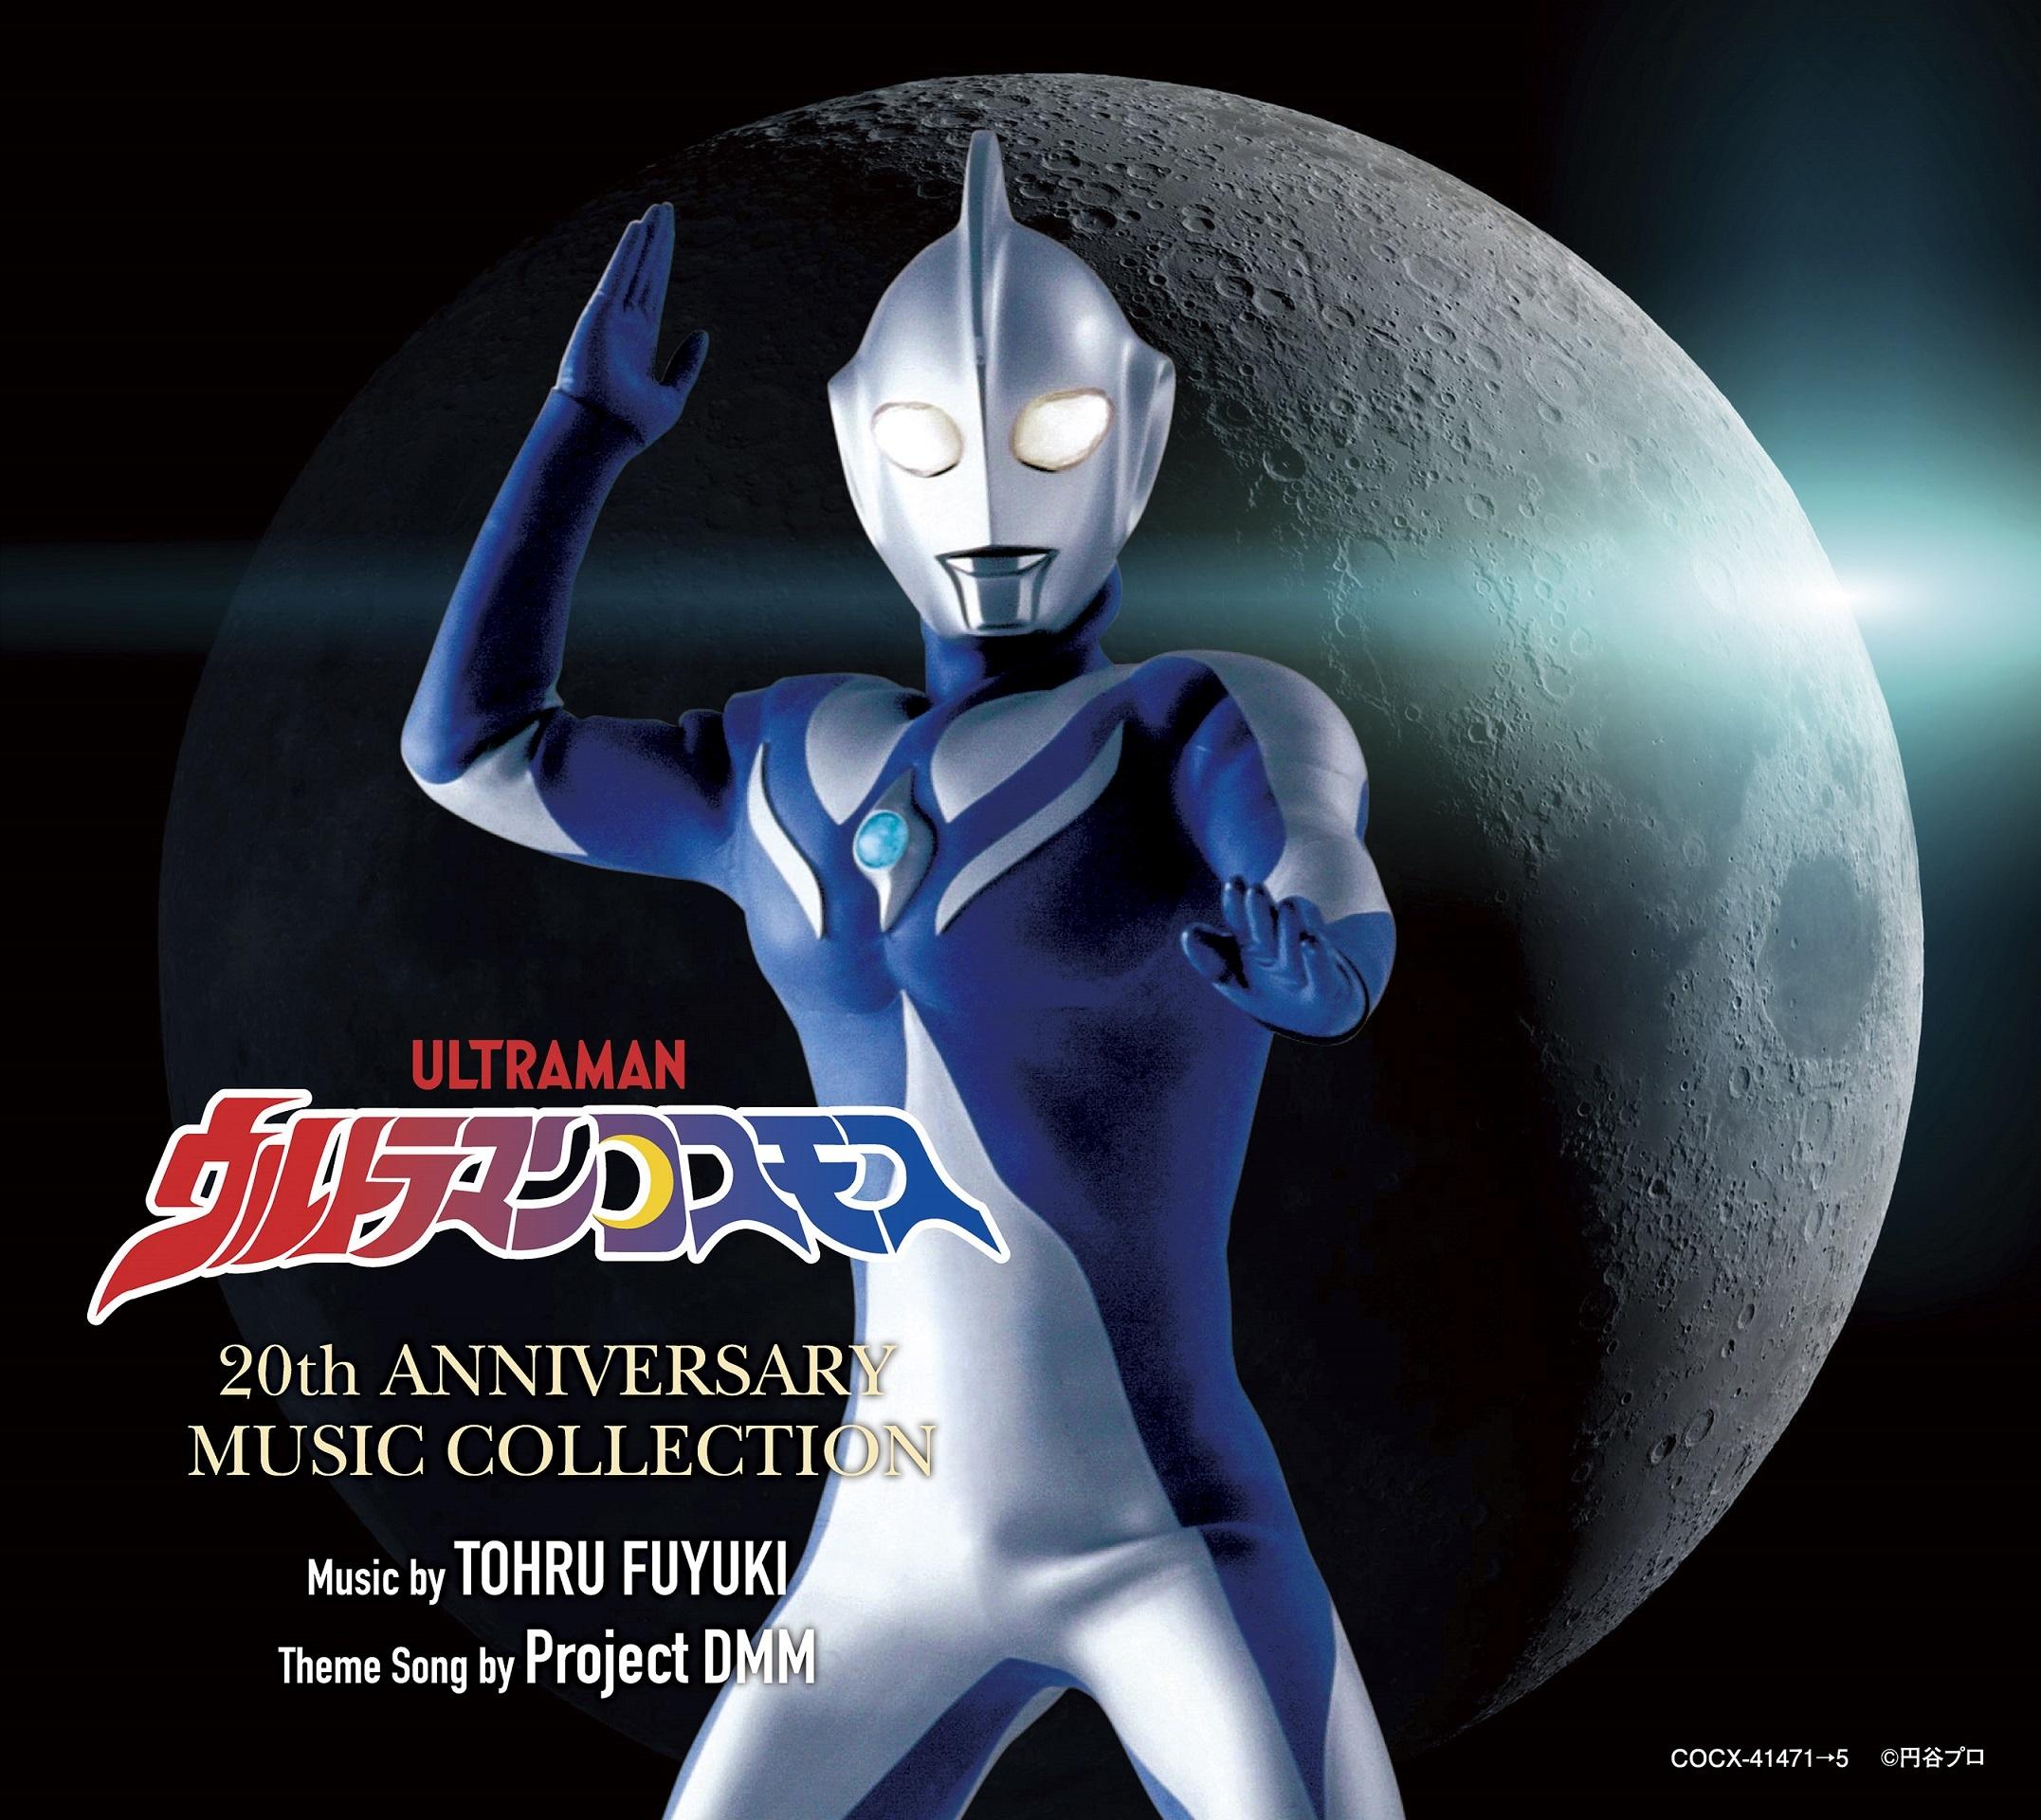 『ウルトラマンコスモス 20th ANNIVERSARY MUSIC COLLECTION』 (C)円谷プロ